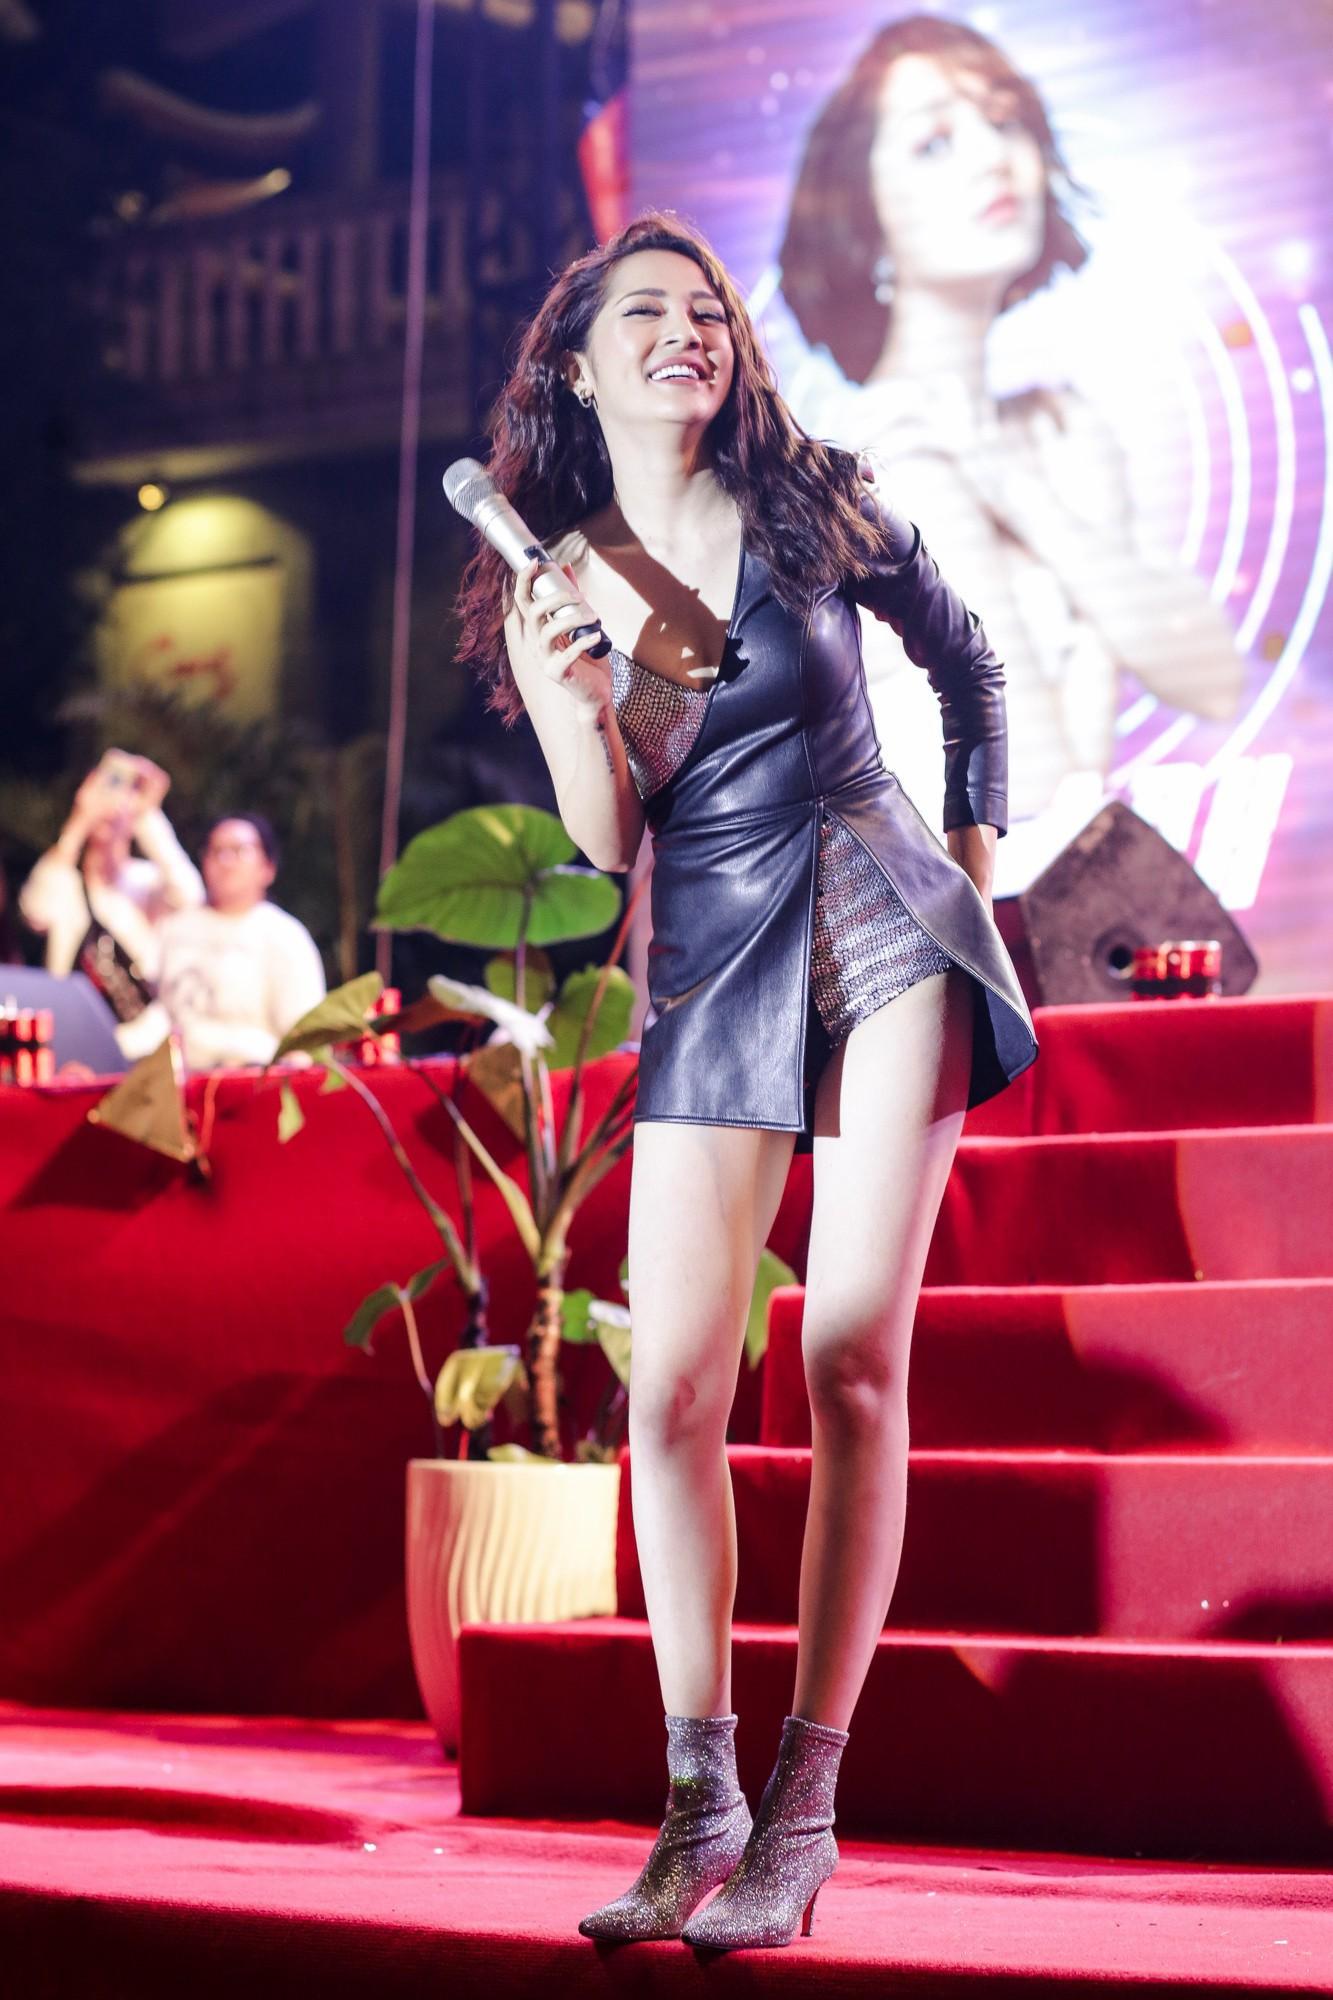 Ngoài Bích Phương, showbiz Việt còn những đôi chân 'cực phẩm' nhìn là mê - Ảnh 8